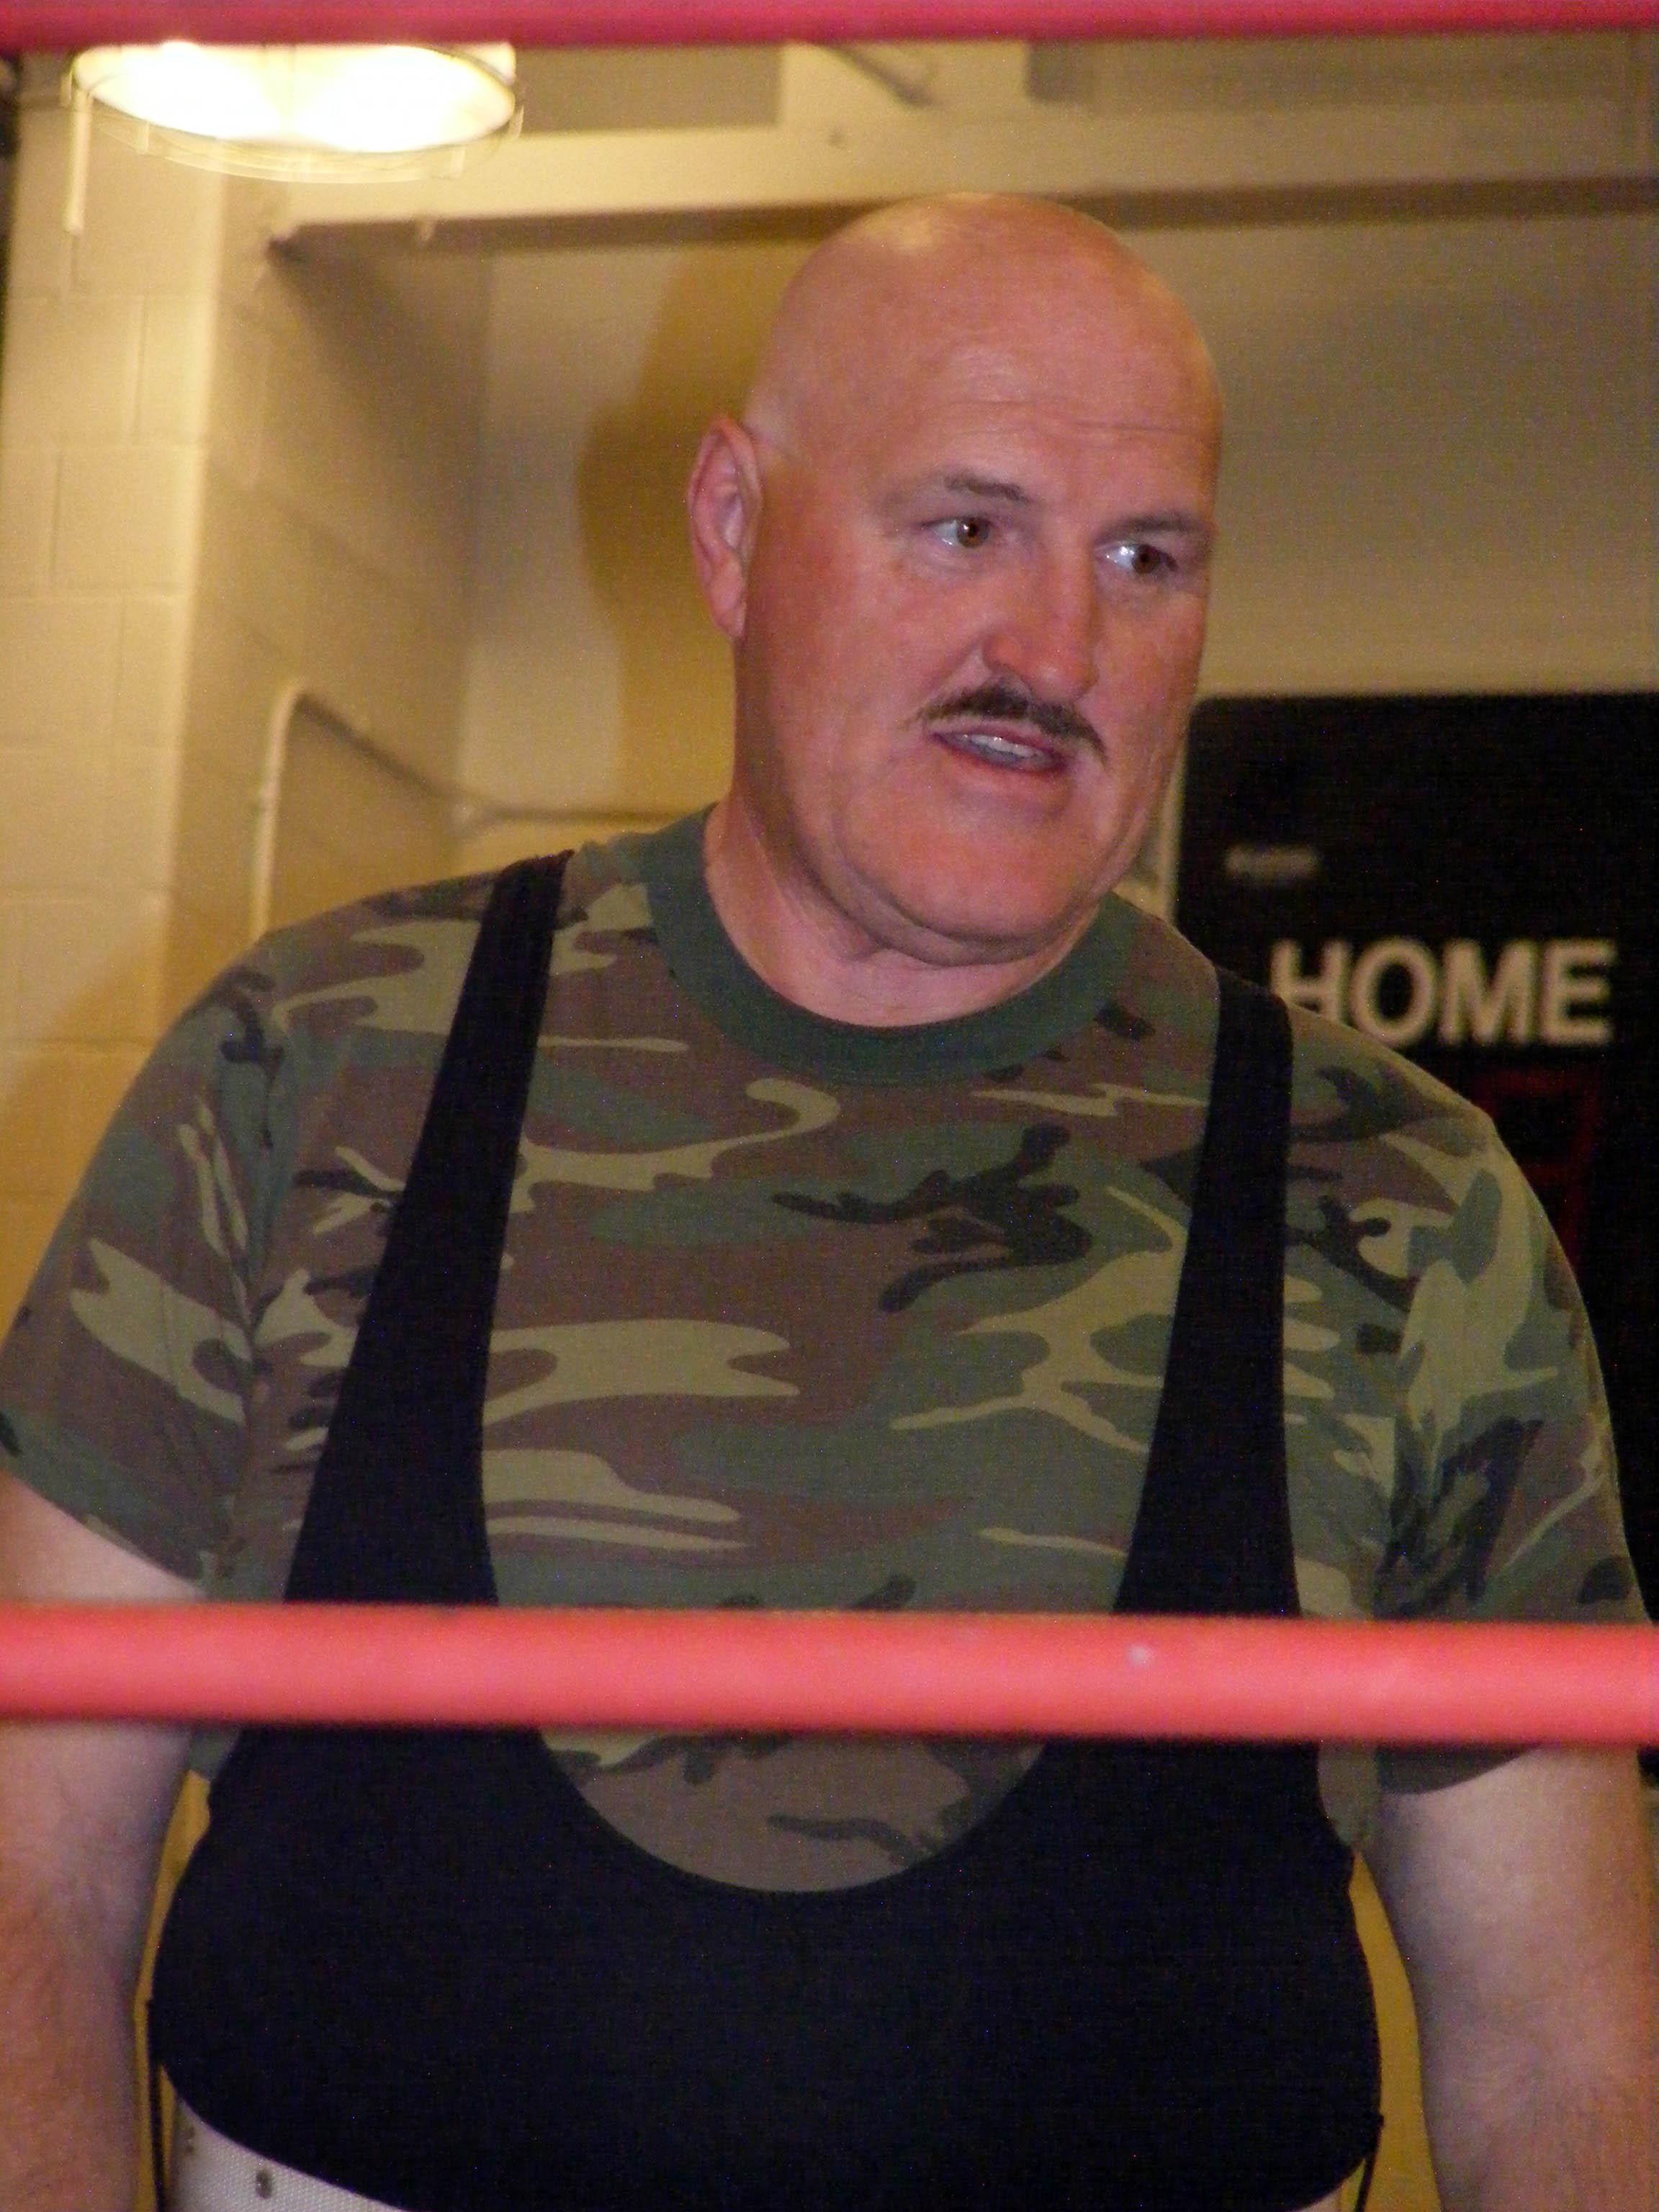 File:Sgt. Slaughter in April 09.jpg Wikipedia